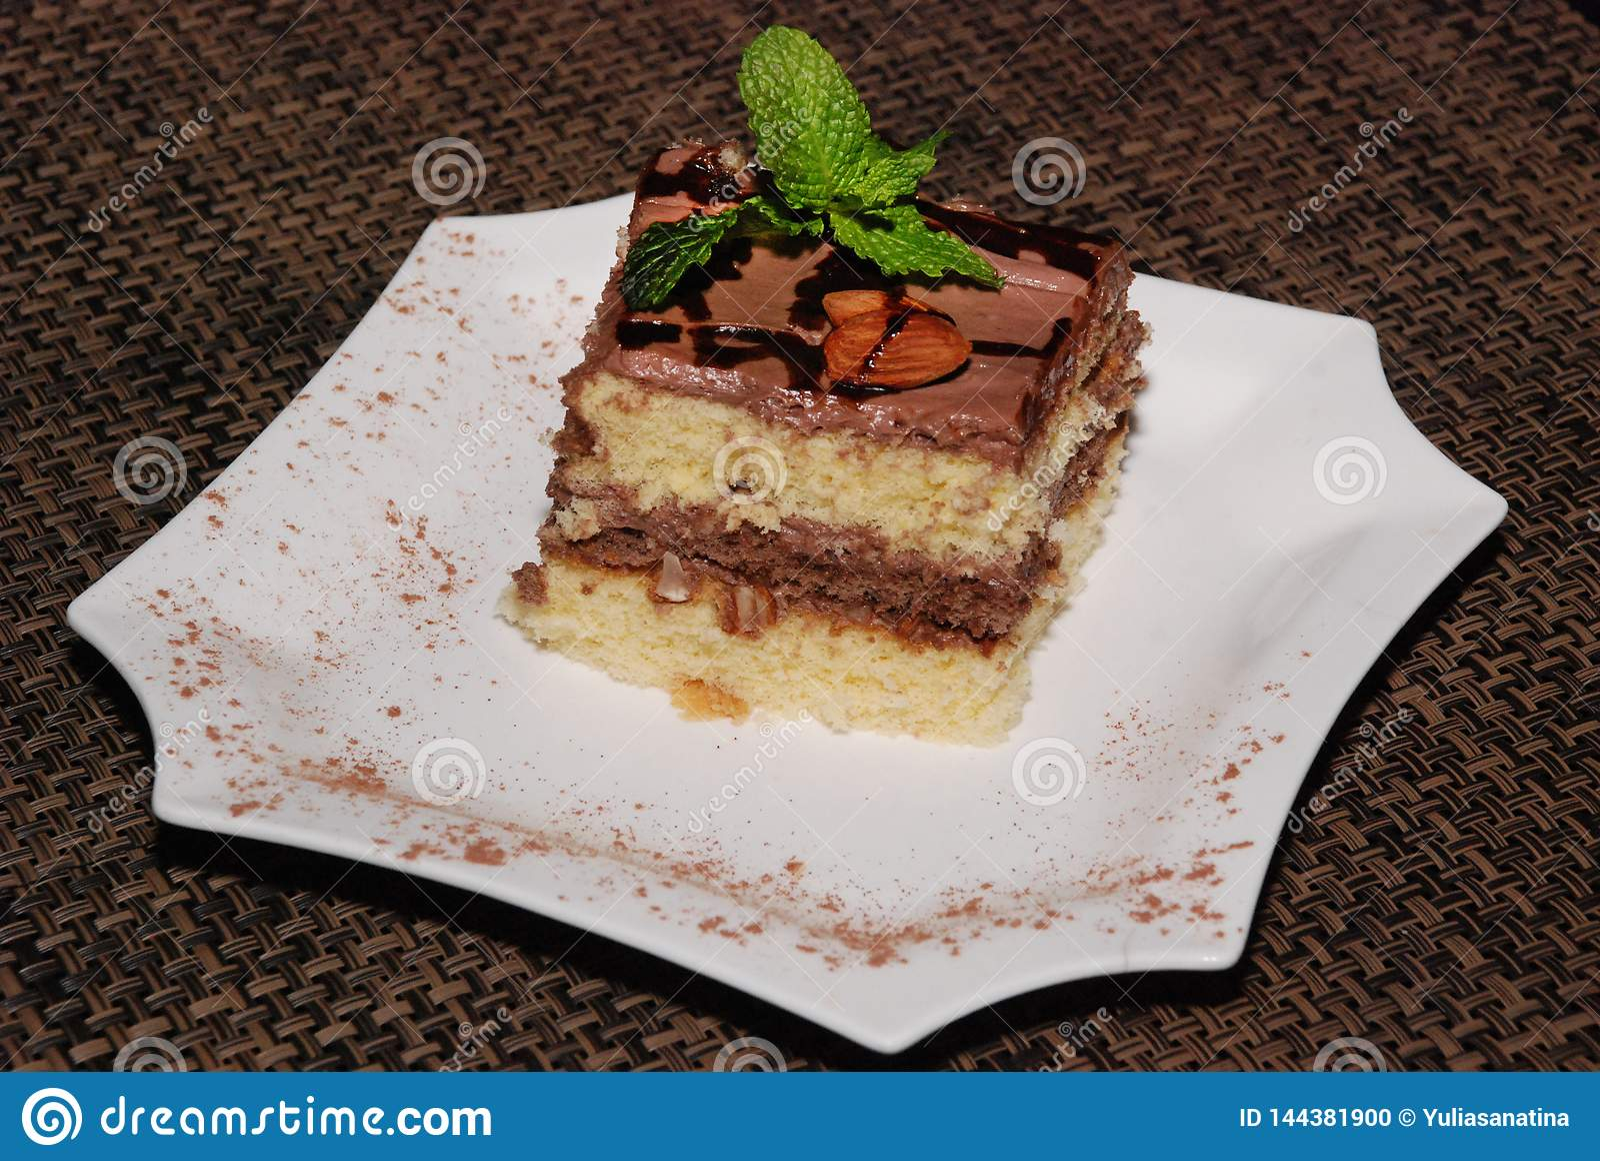 Kwadratowy kawałek tort z czekoladą i migdałem na białym talerzu